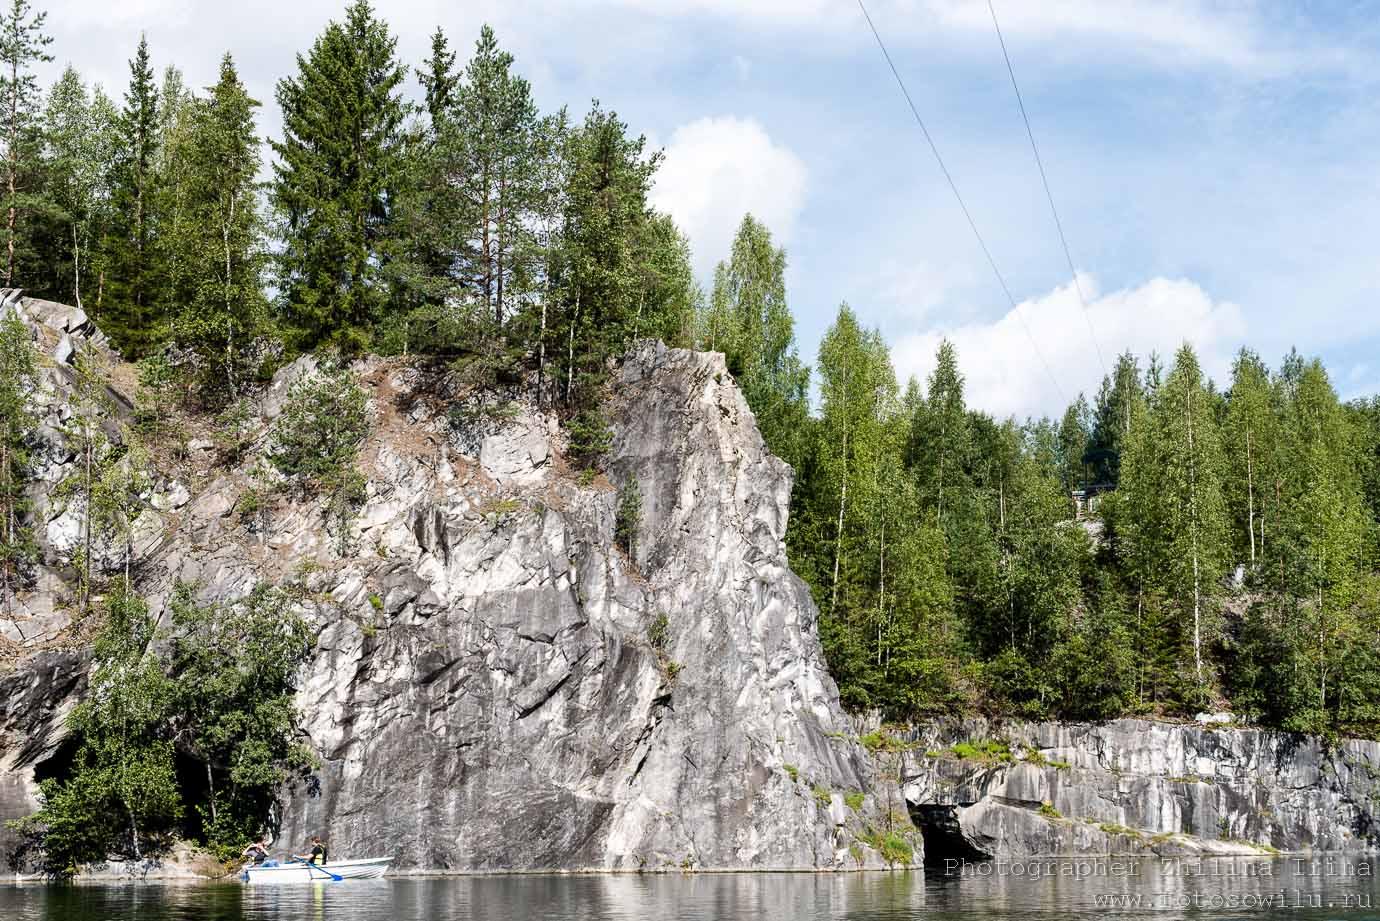 Рускеала, Карелия, горный парк, куда поехать отдыхать, отдых в России, что смотреть в России